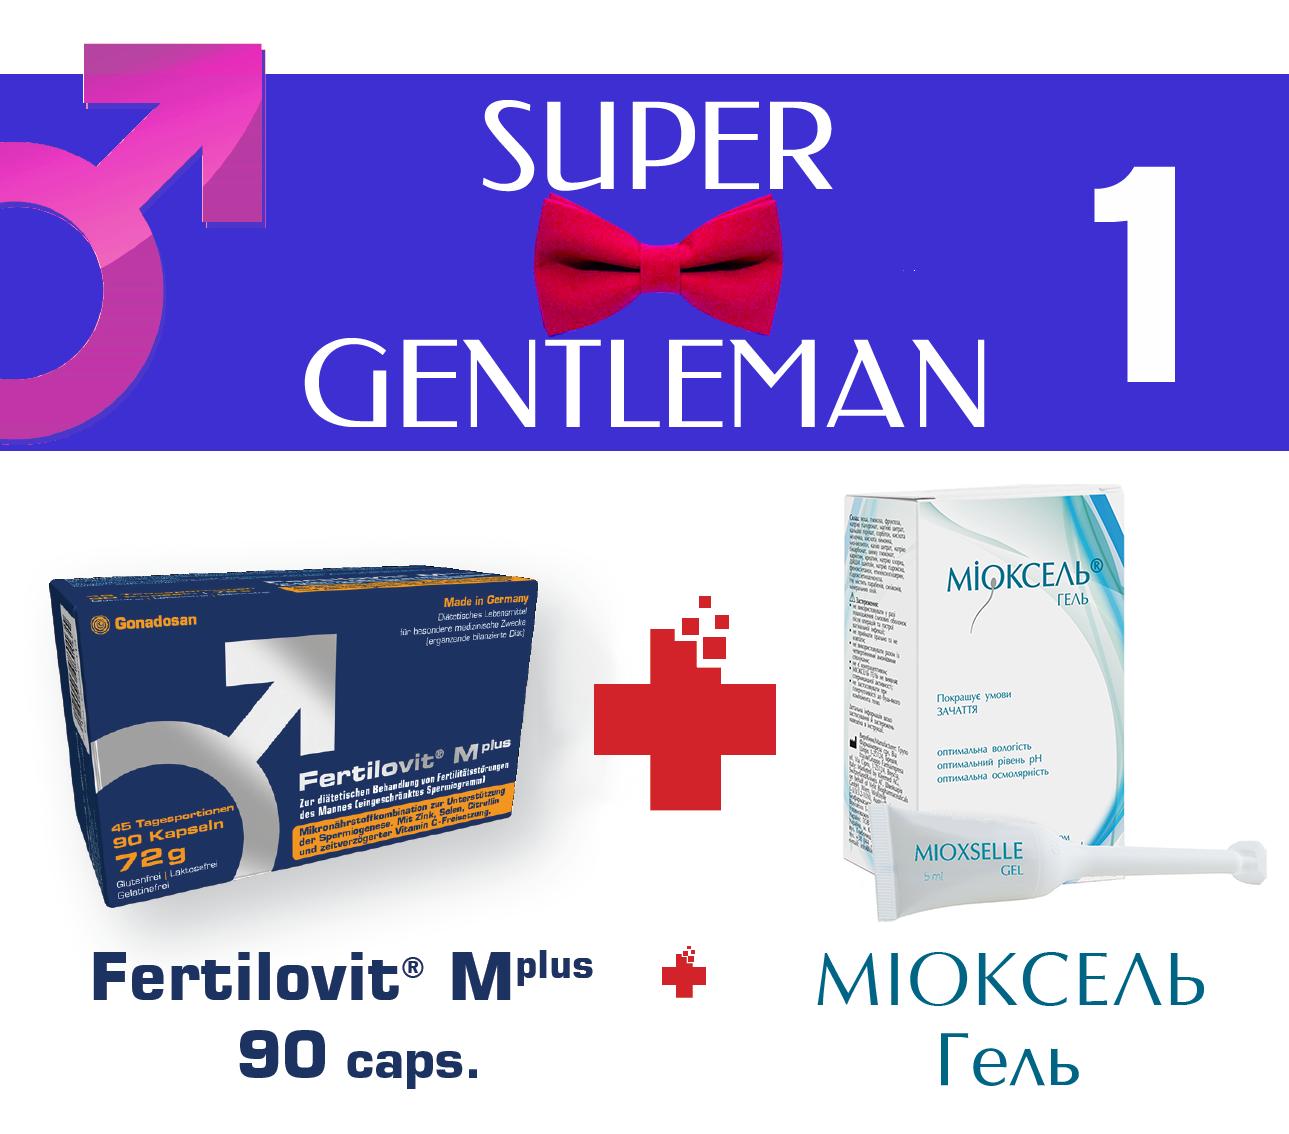 super_gentleman1